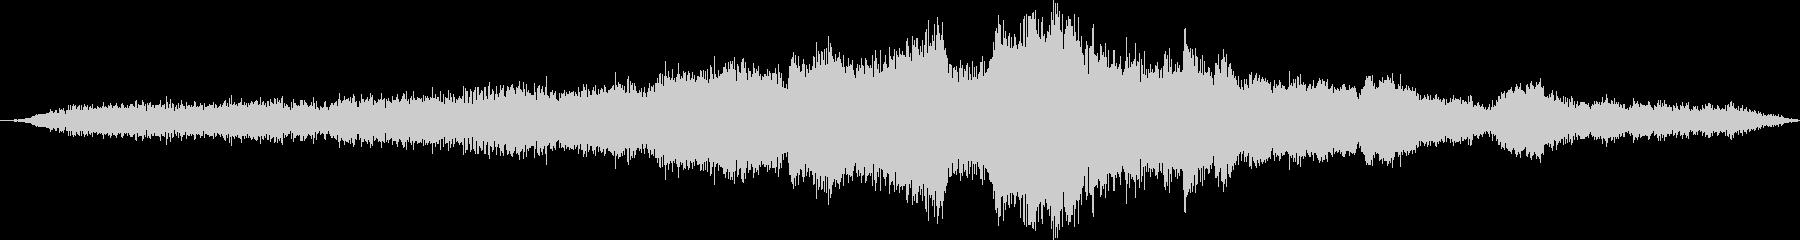 大型アーススクレーパー:Ext:P...の未再生の波形